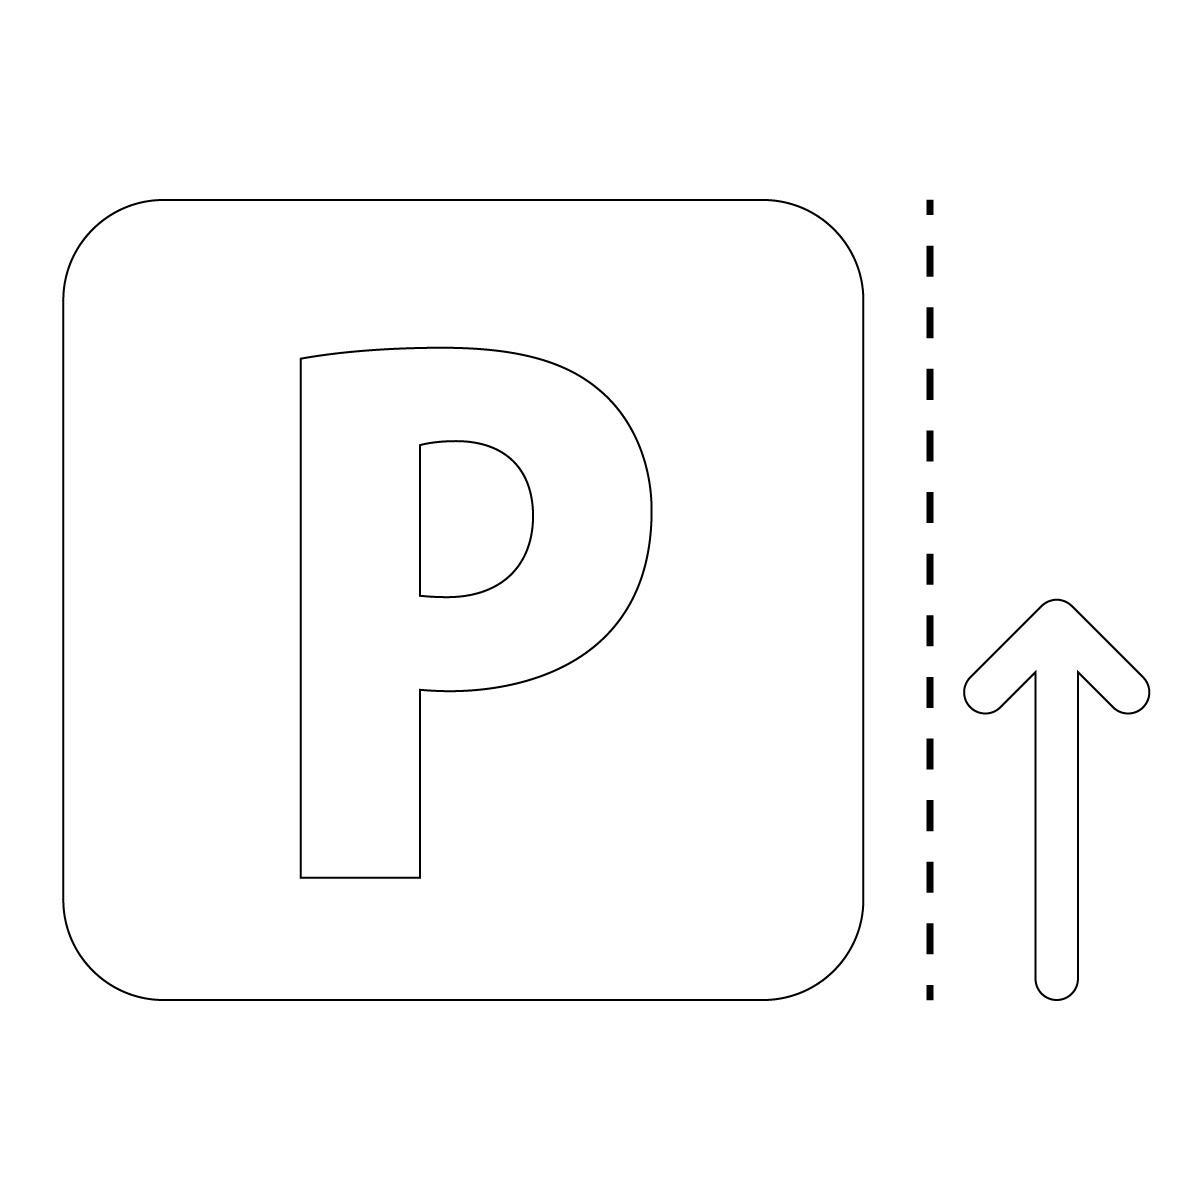 白色のパーキング・駐車場案内マークのカッティングステッカー・シール